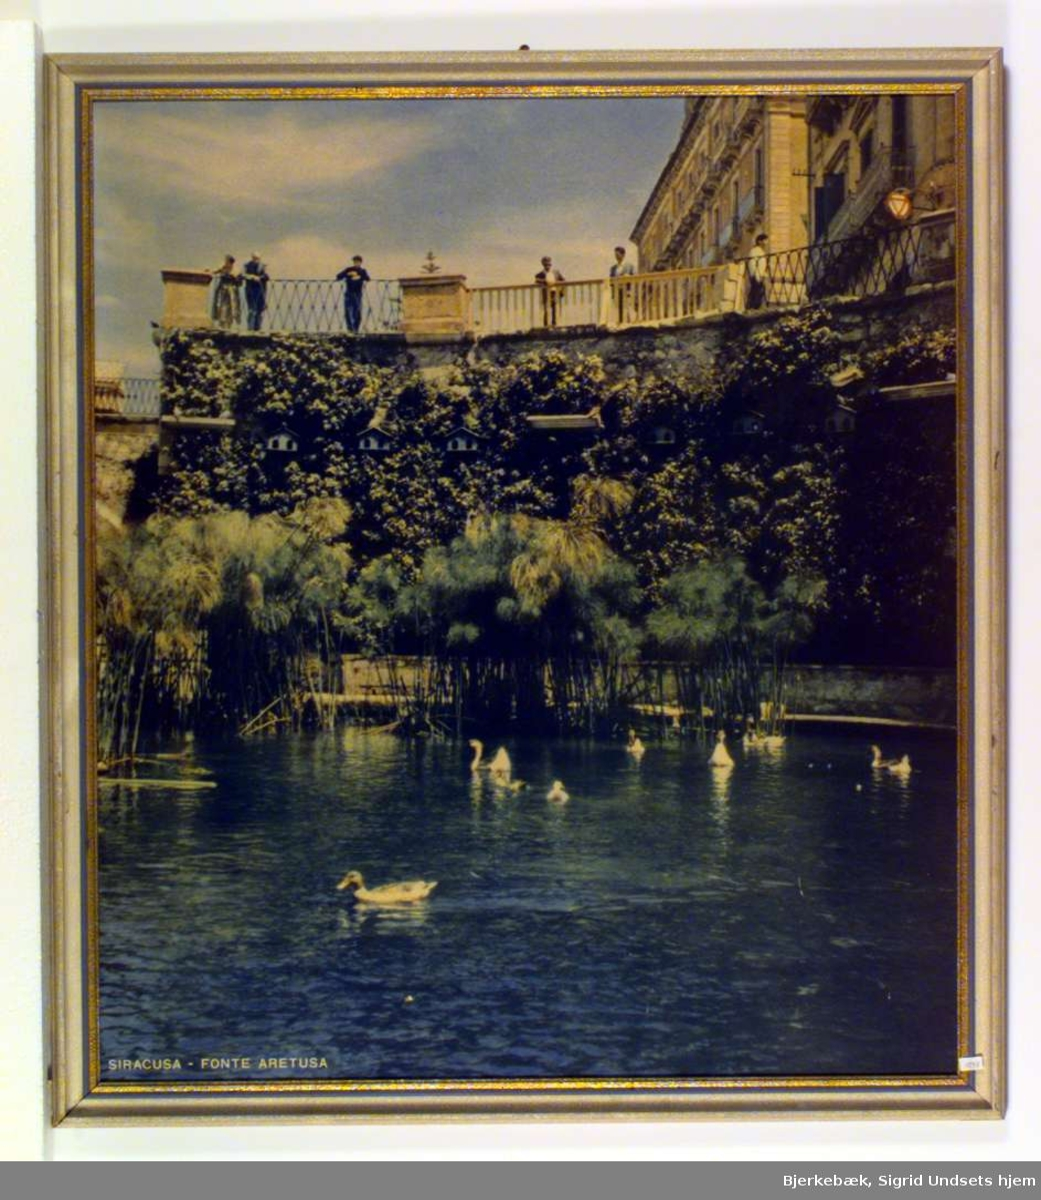 Fra et platå i gateplan står en del mennesker og ser ned på en dam hvor noen svaner og ender svømmer omkring.